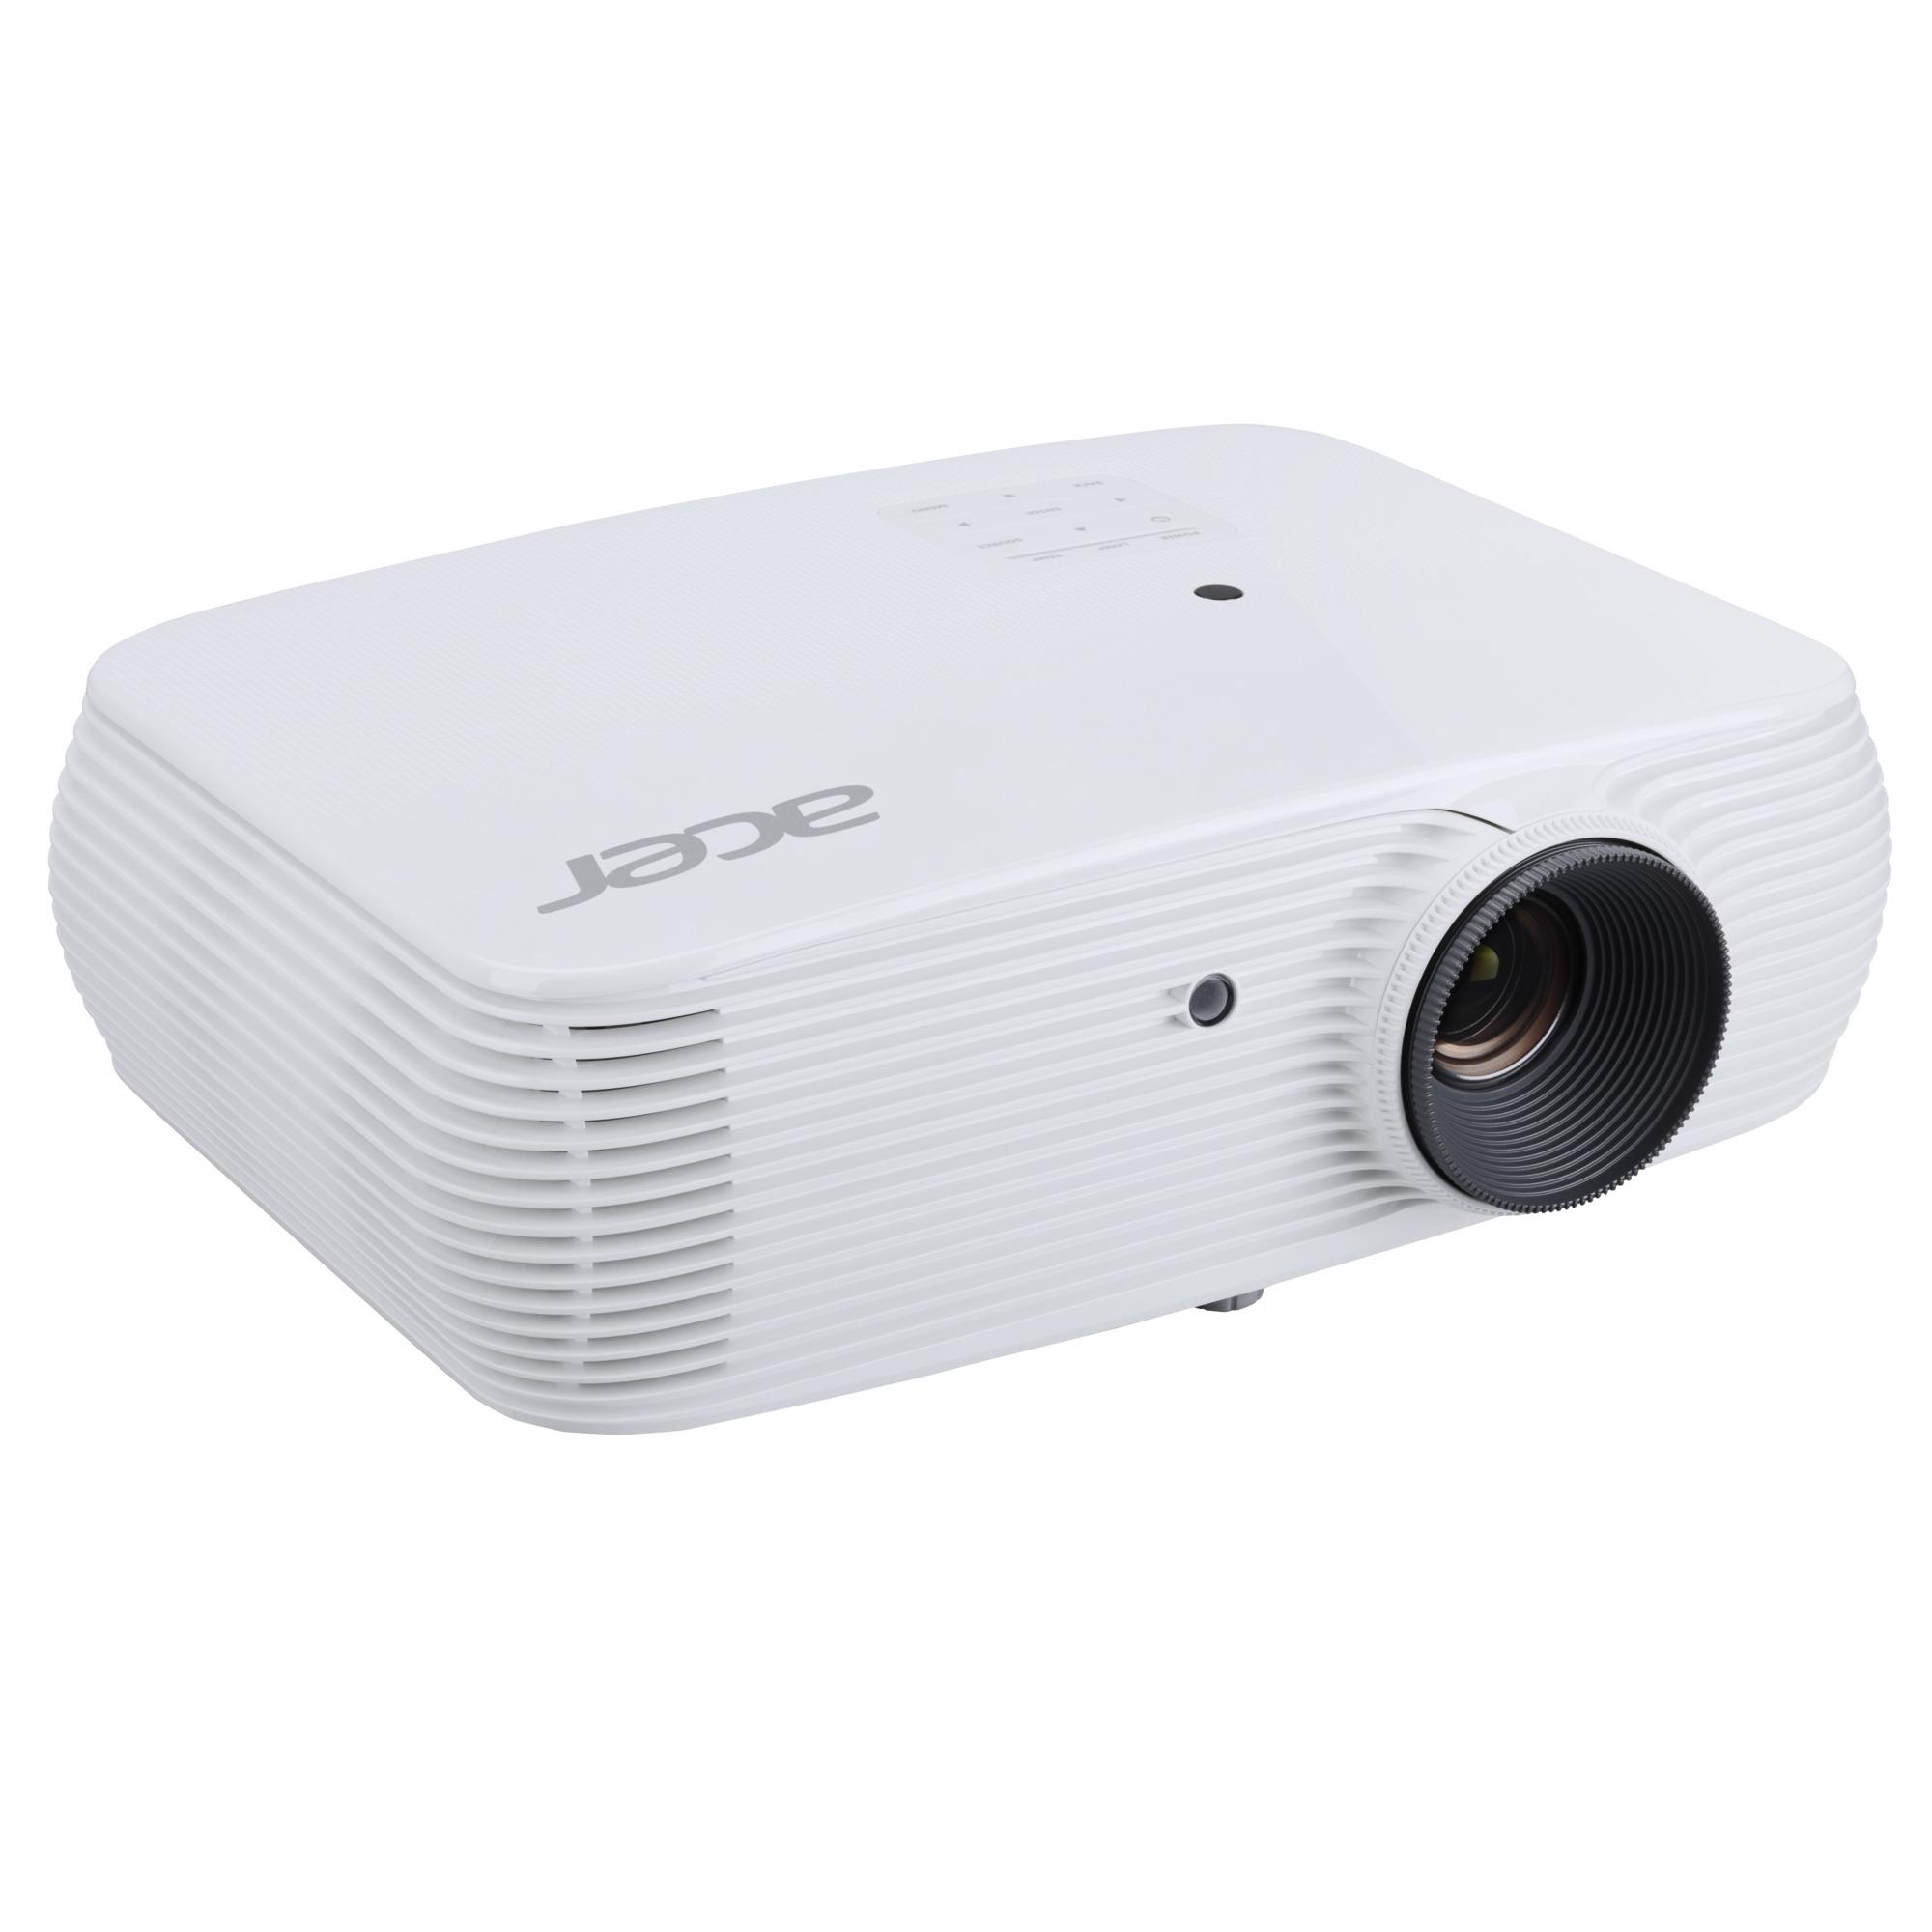 Home H5382BD Projecteur de bureau 3300ANSI lumens DLP 720p (1280x720) Argent, Blanc vidéo-projecteur, Projecteur DLP